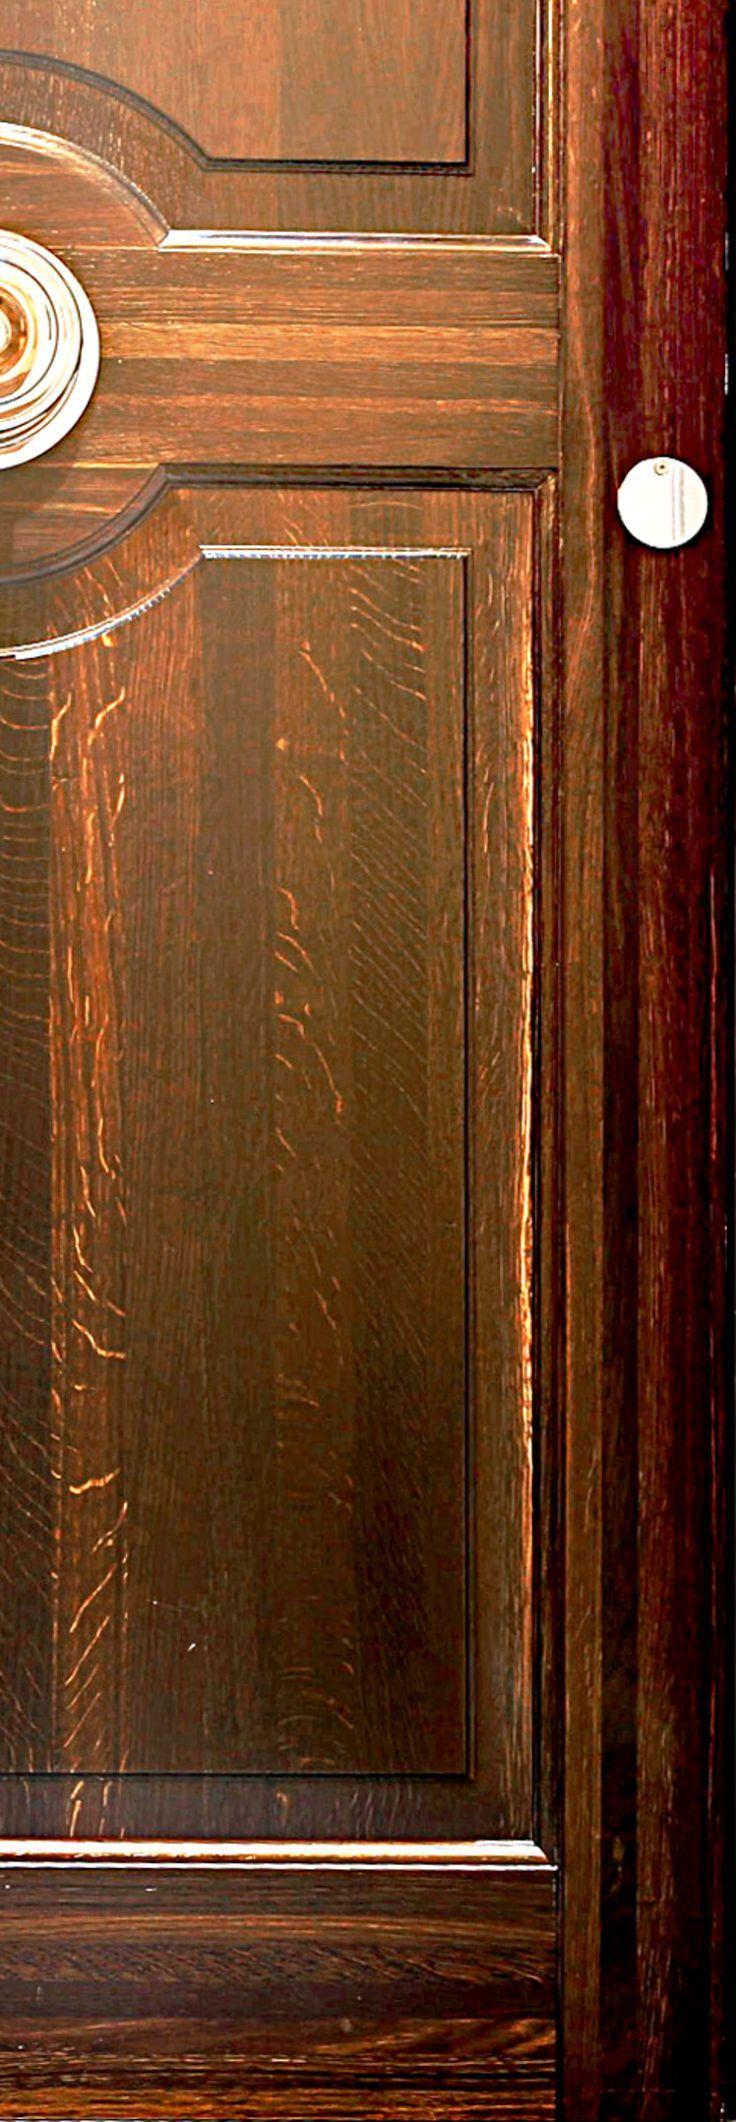 Hotel D'Angleterre   Vahle Door produced this custom door in stained oak for Hotel D'Angleterre in Copenhagen. Check out vahle.dk for more info. #vahledoor #dangleterre #copenhagen #architecture #architectural #wood #door #woodworking #wooddoor